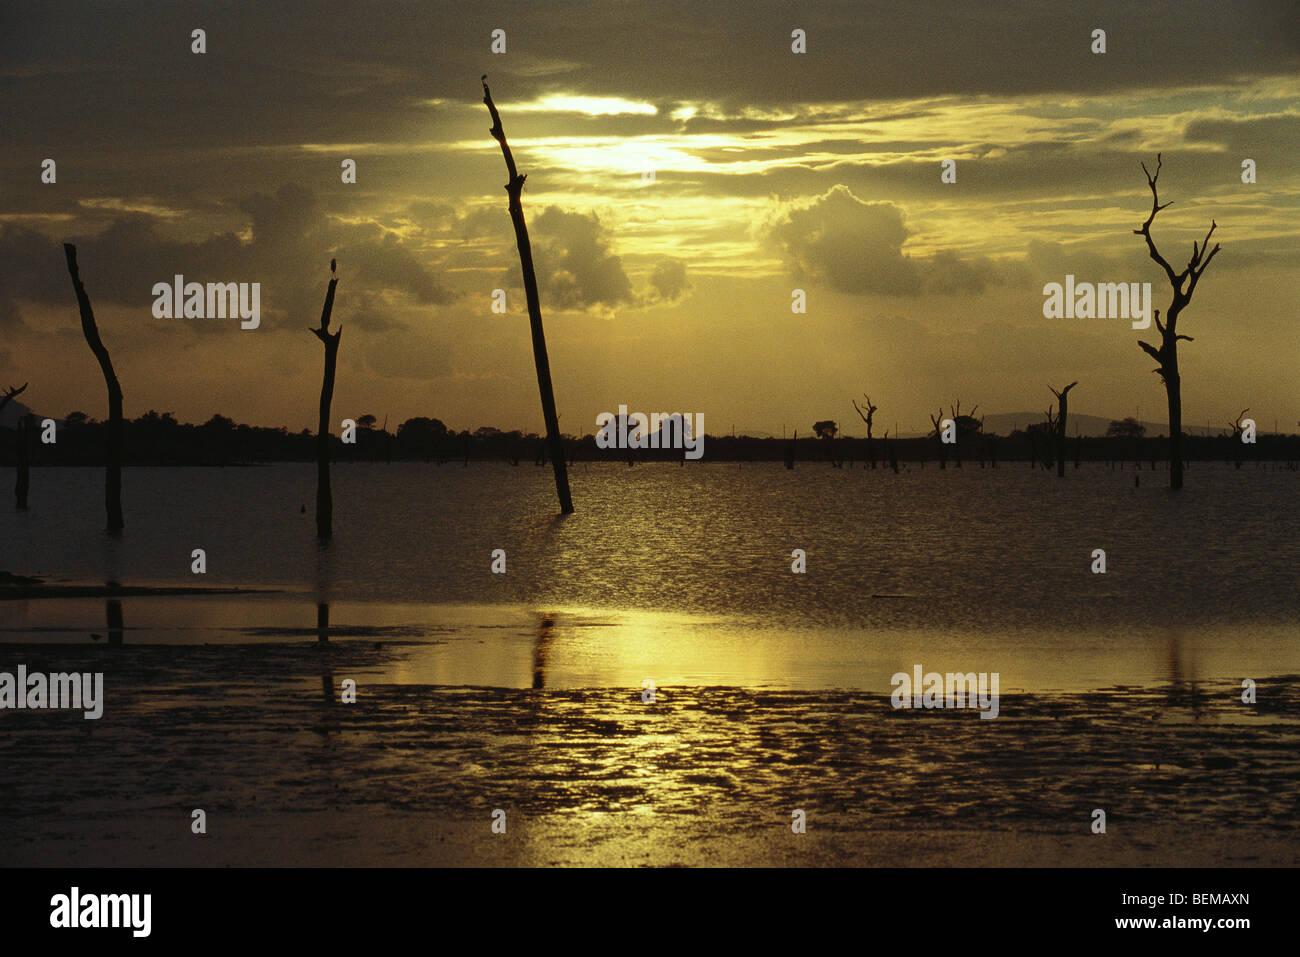 Tote Bäume stehen im See, Silhouette gegen goldenen Himmel, Sri Lanka Stockbild